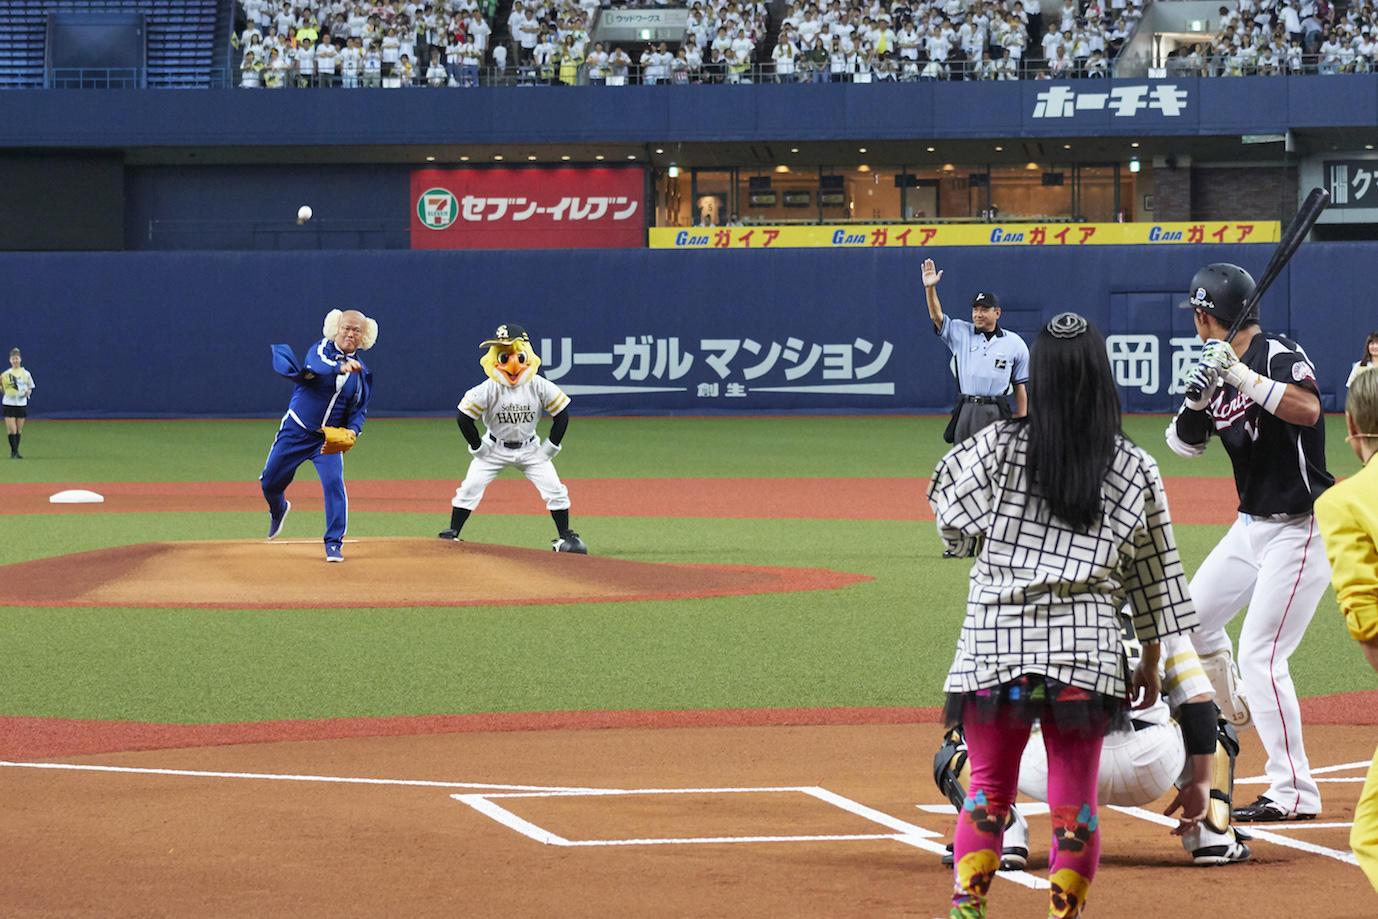 http://news.yoshimoto.co.jp/20180724224607-efaf954519df1a0f819b9100fbe5ff1d5631c44e.jpg